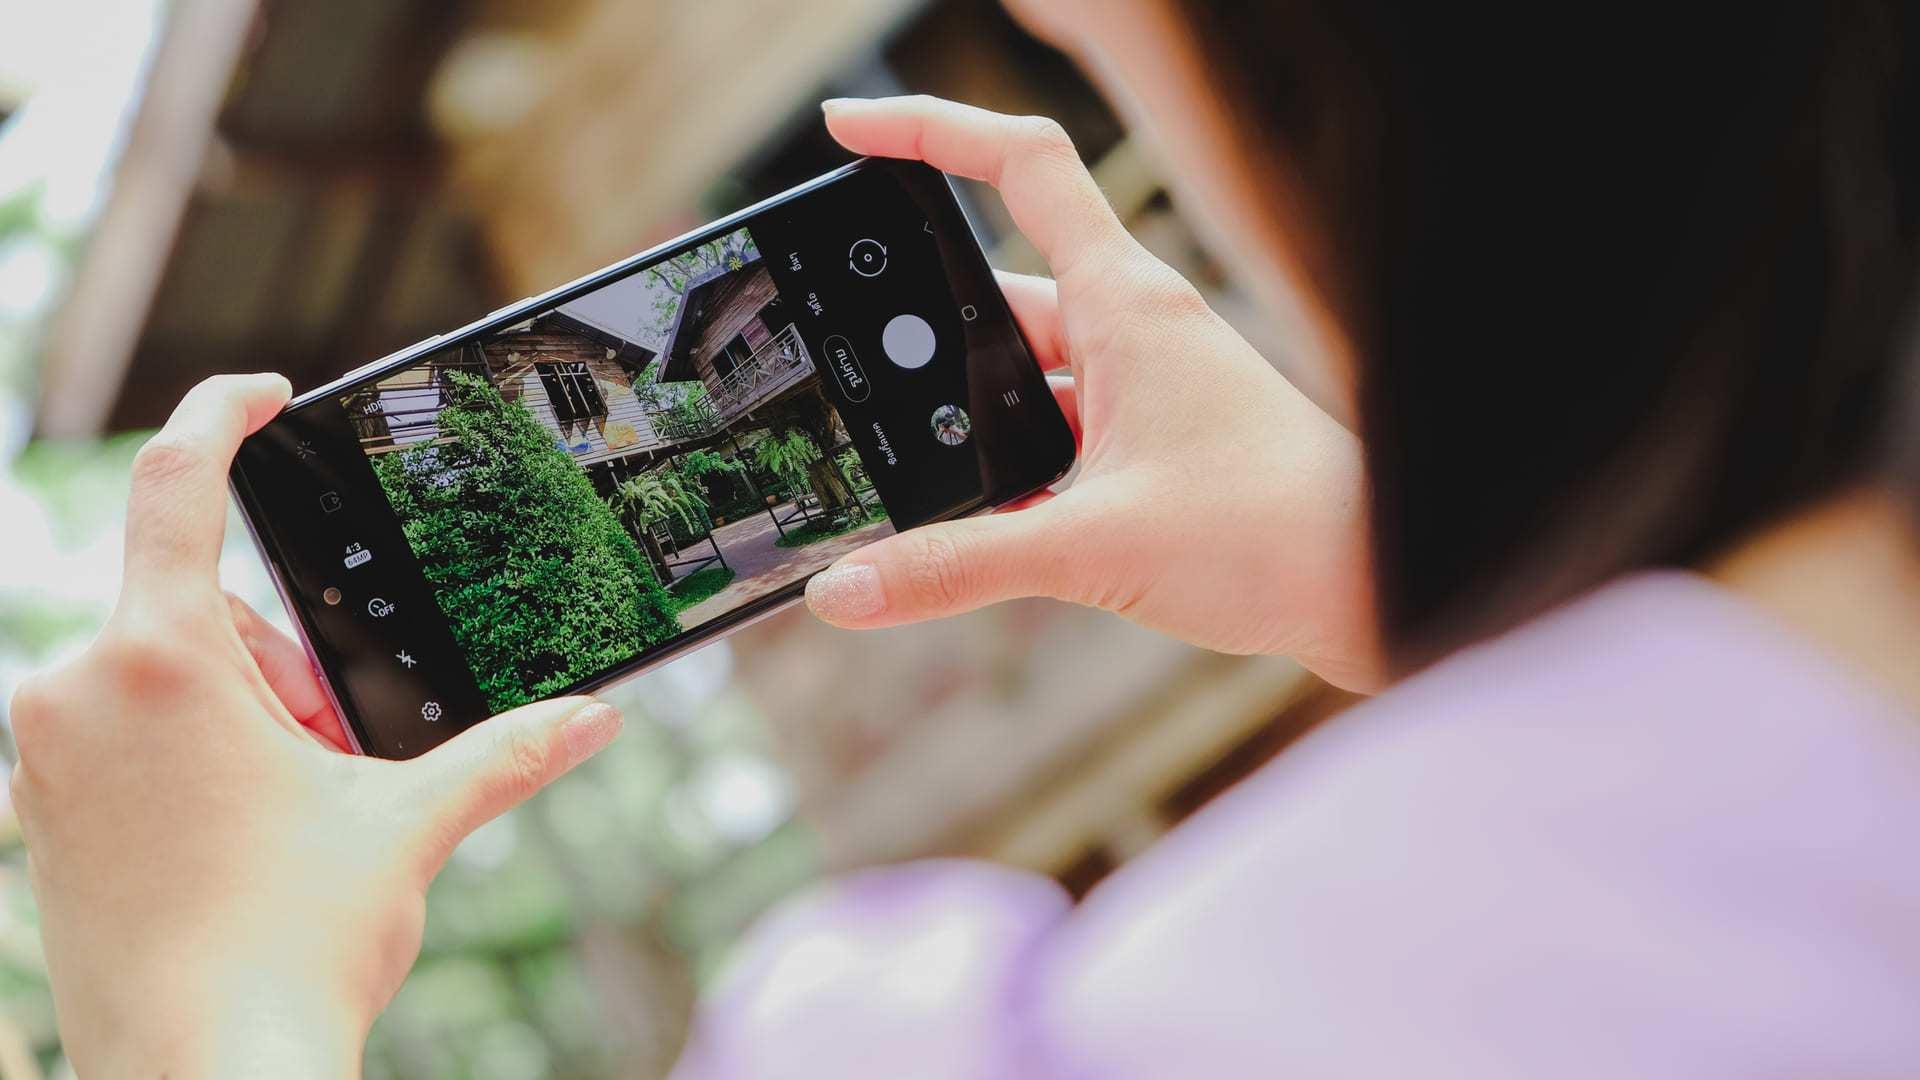 Mãos segurando A52 e usando câmera do celular